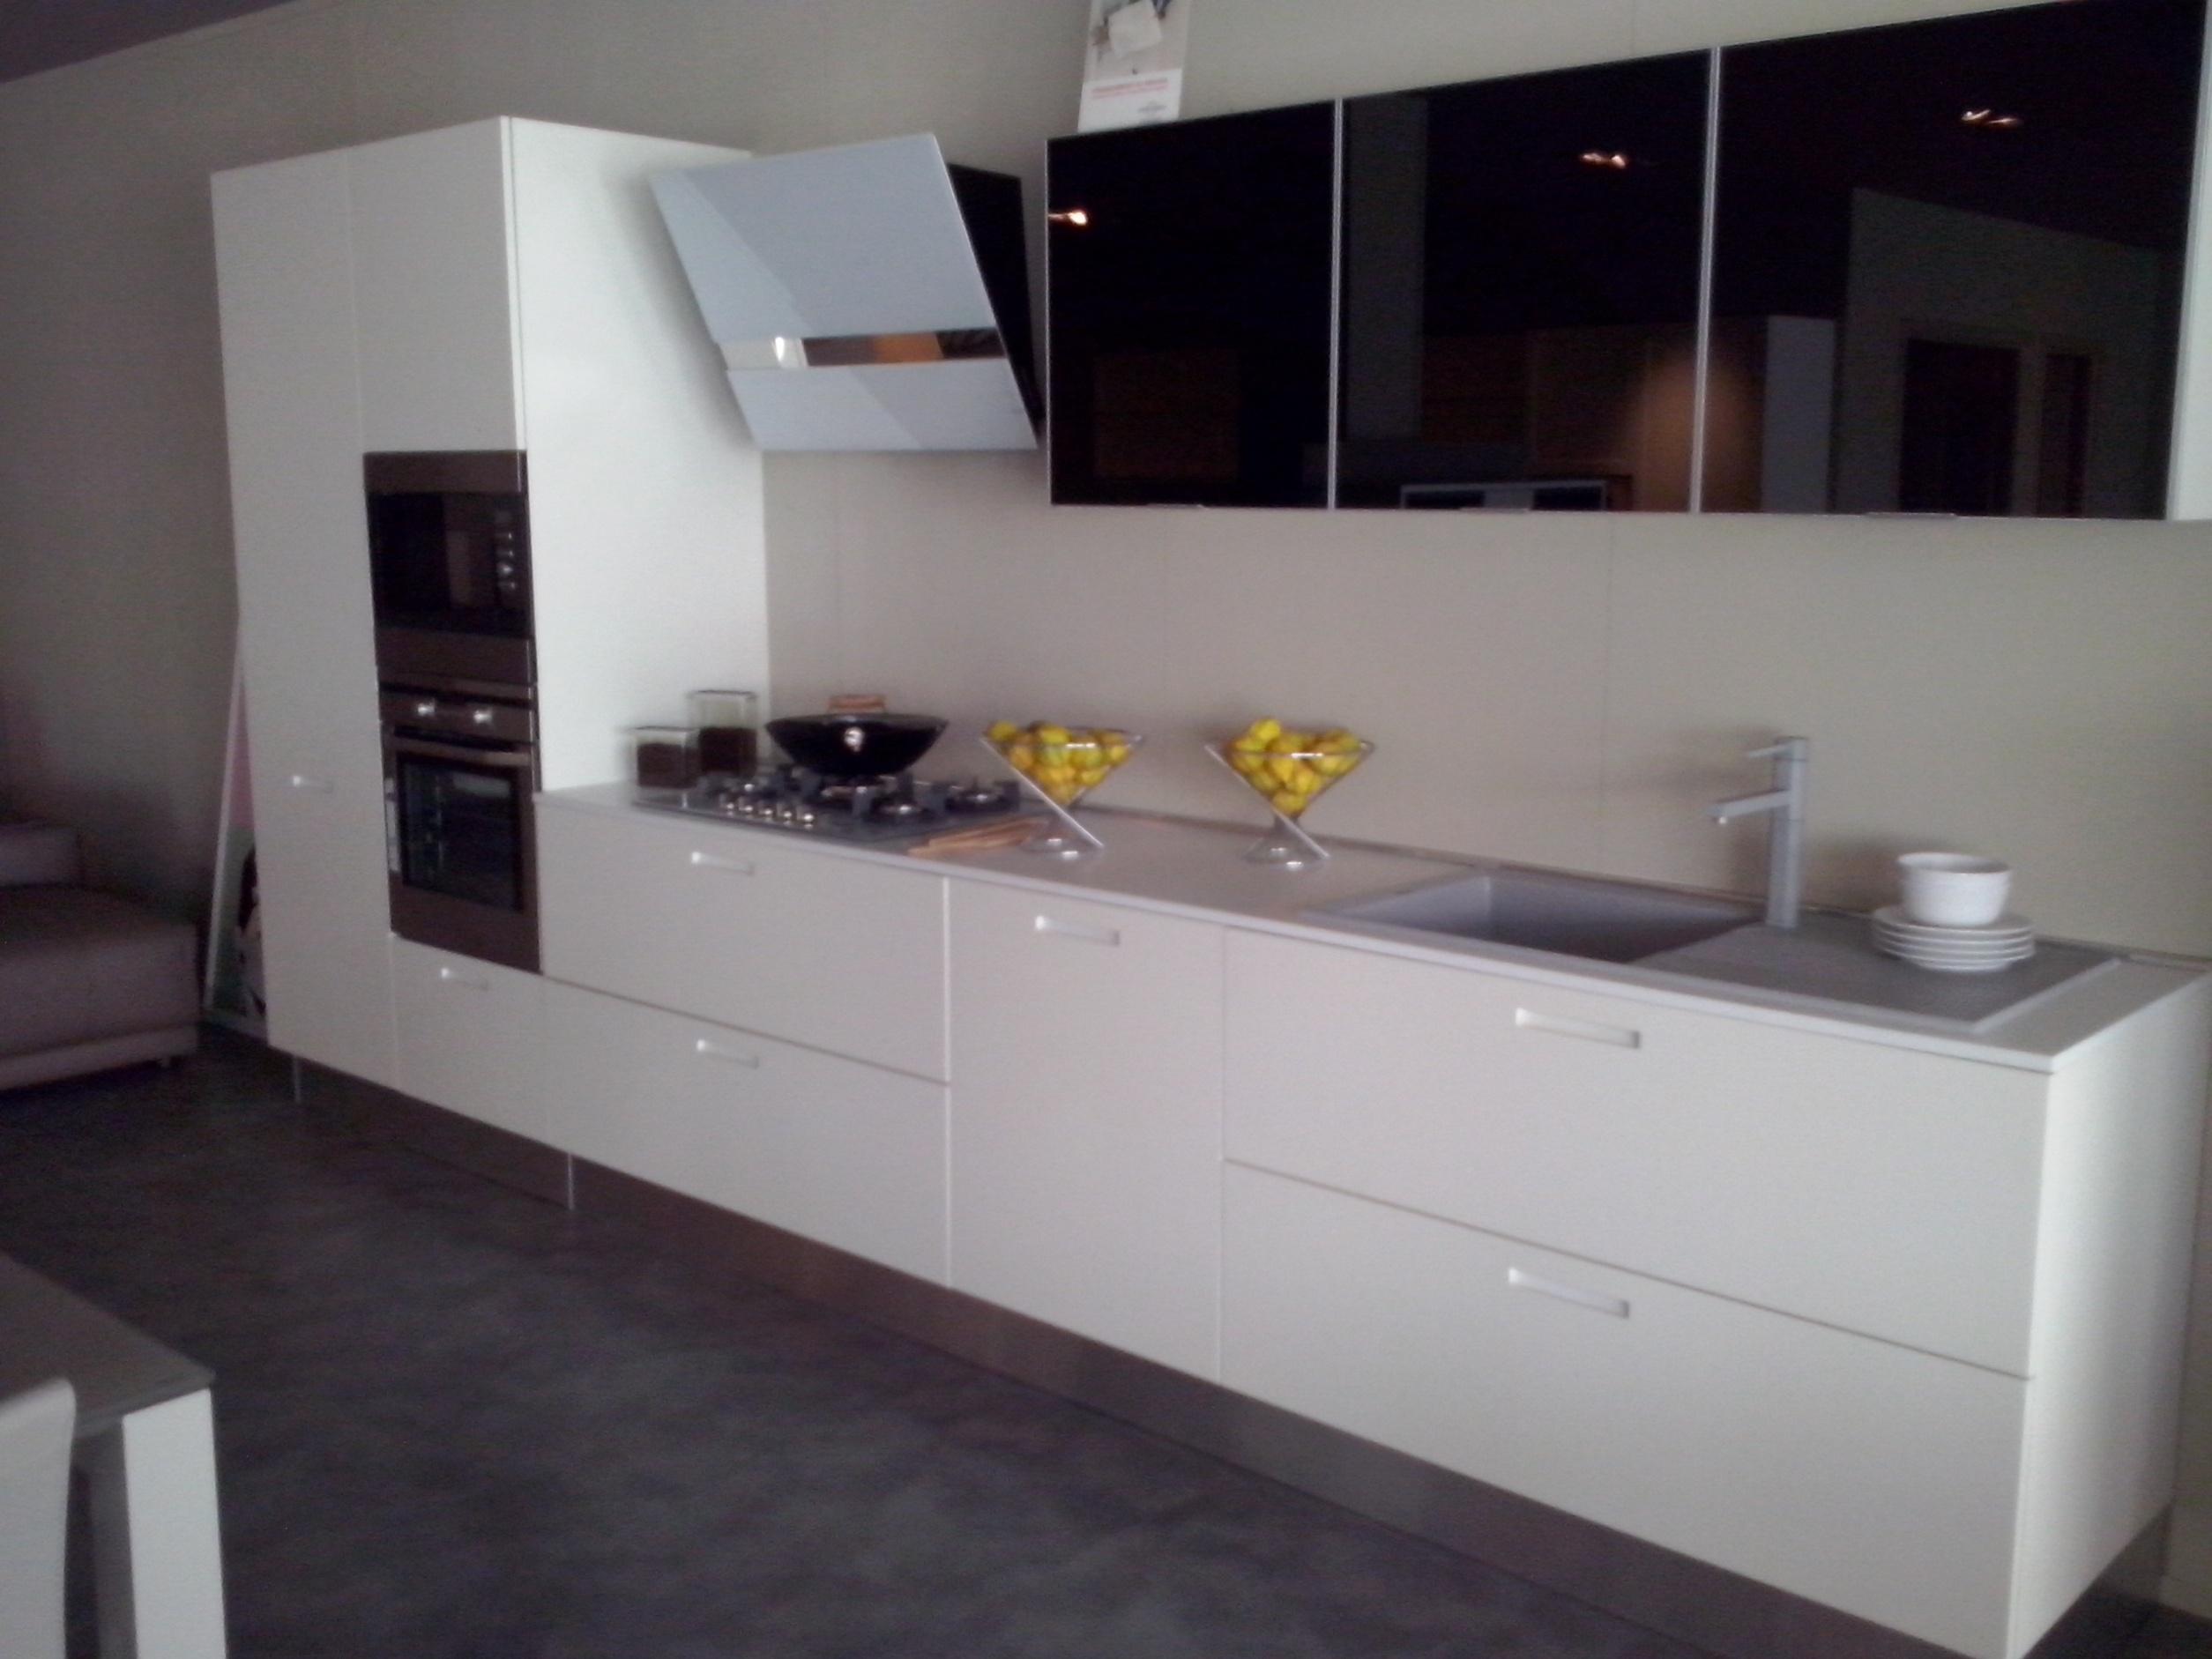 Cucina valdesign cucine cucina laccata bianco opaco con - Cucina senza maniglie ...